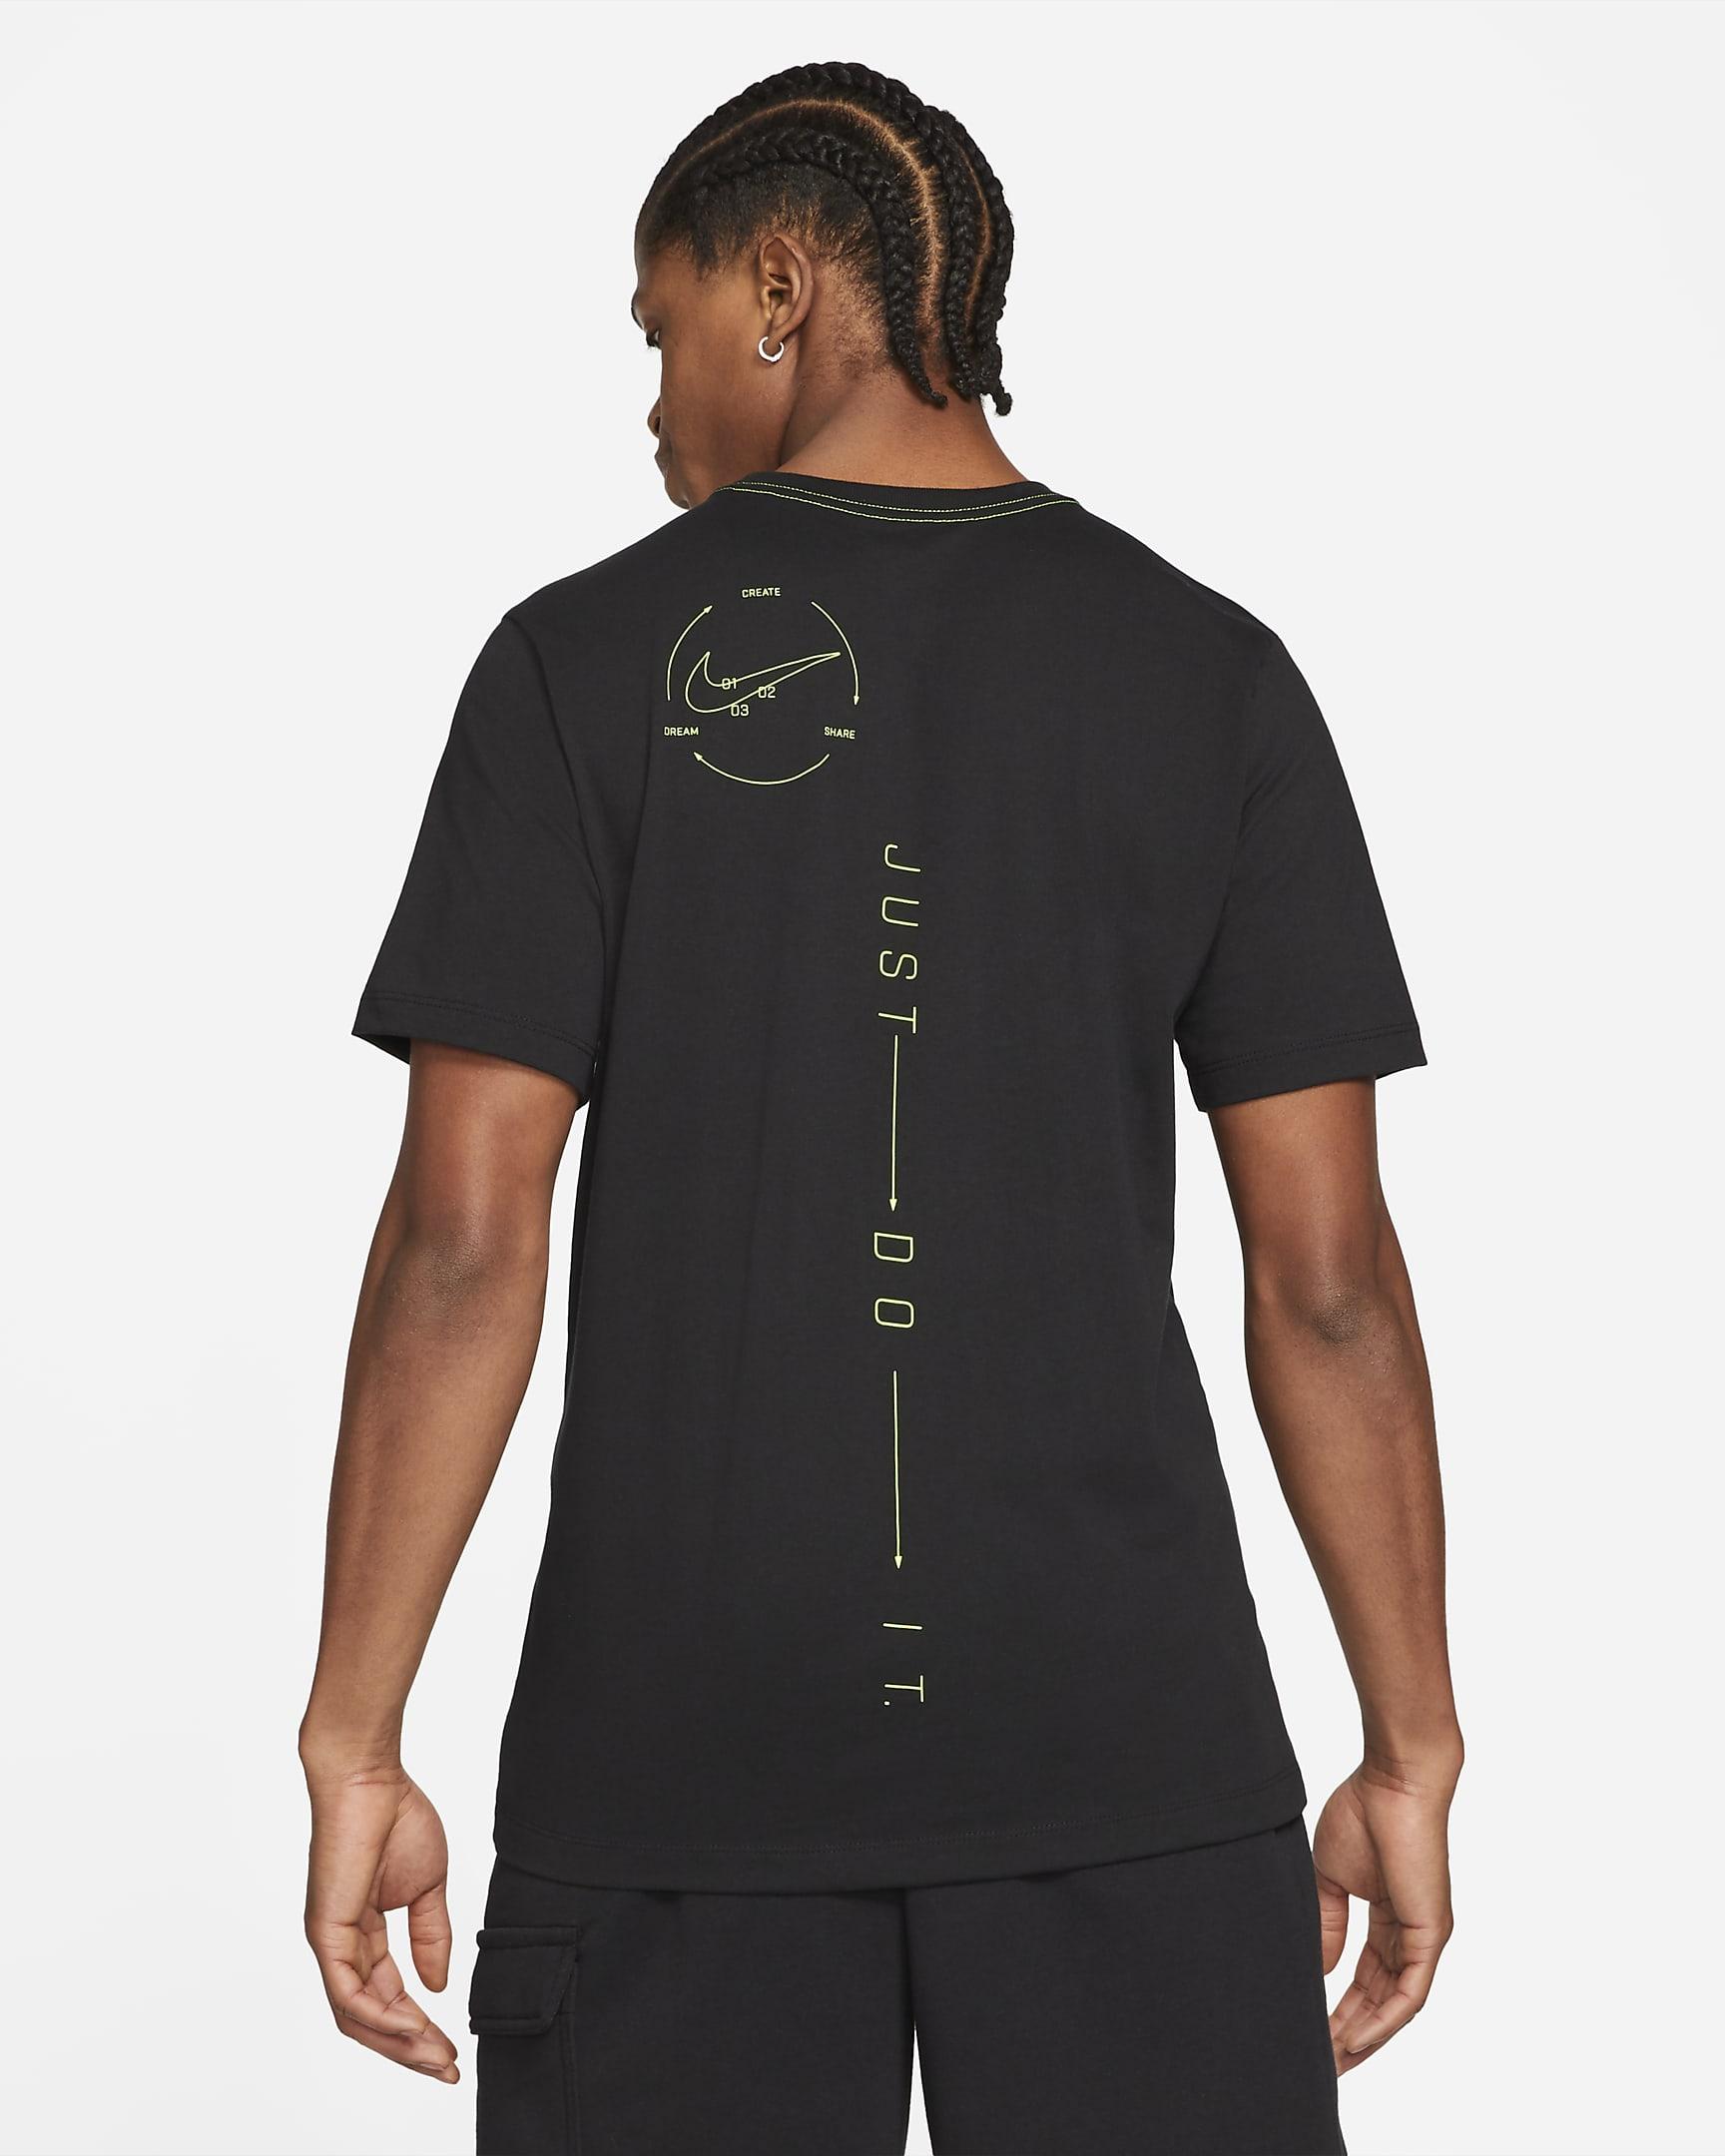 sportswear-mens-t-shirt-vrc9Dn-1